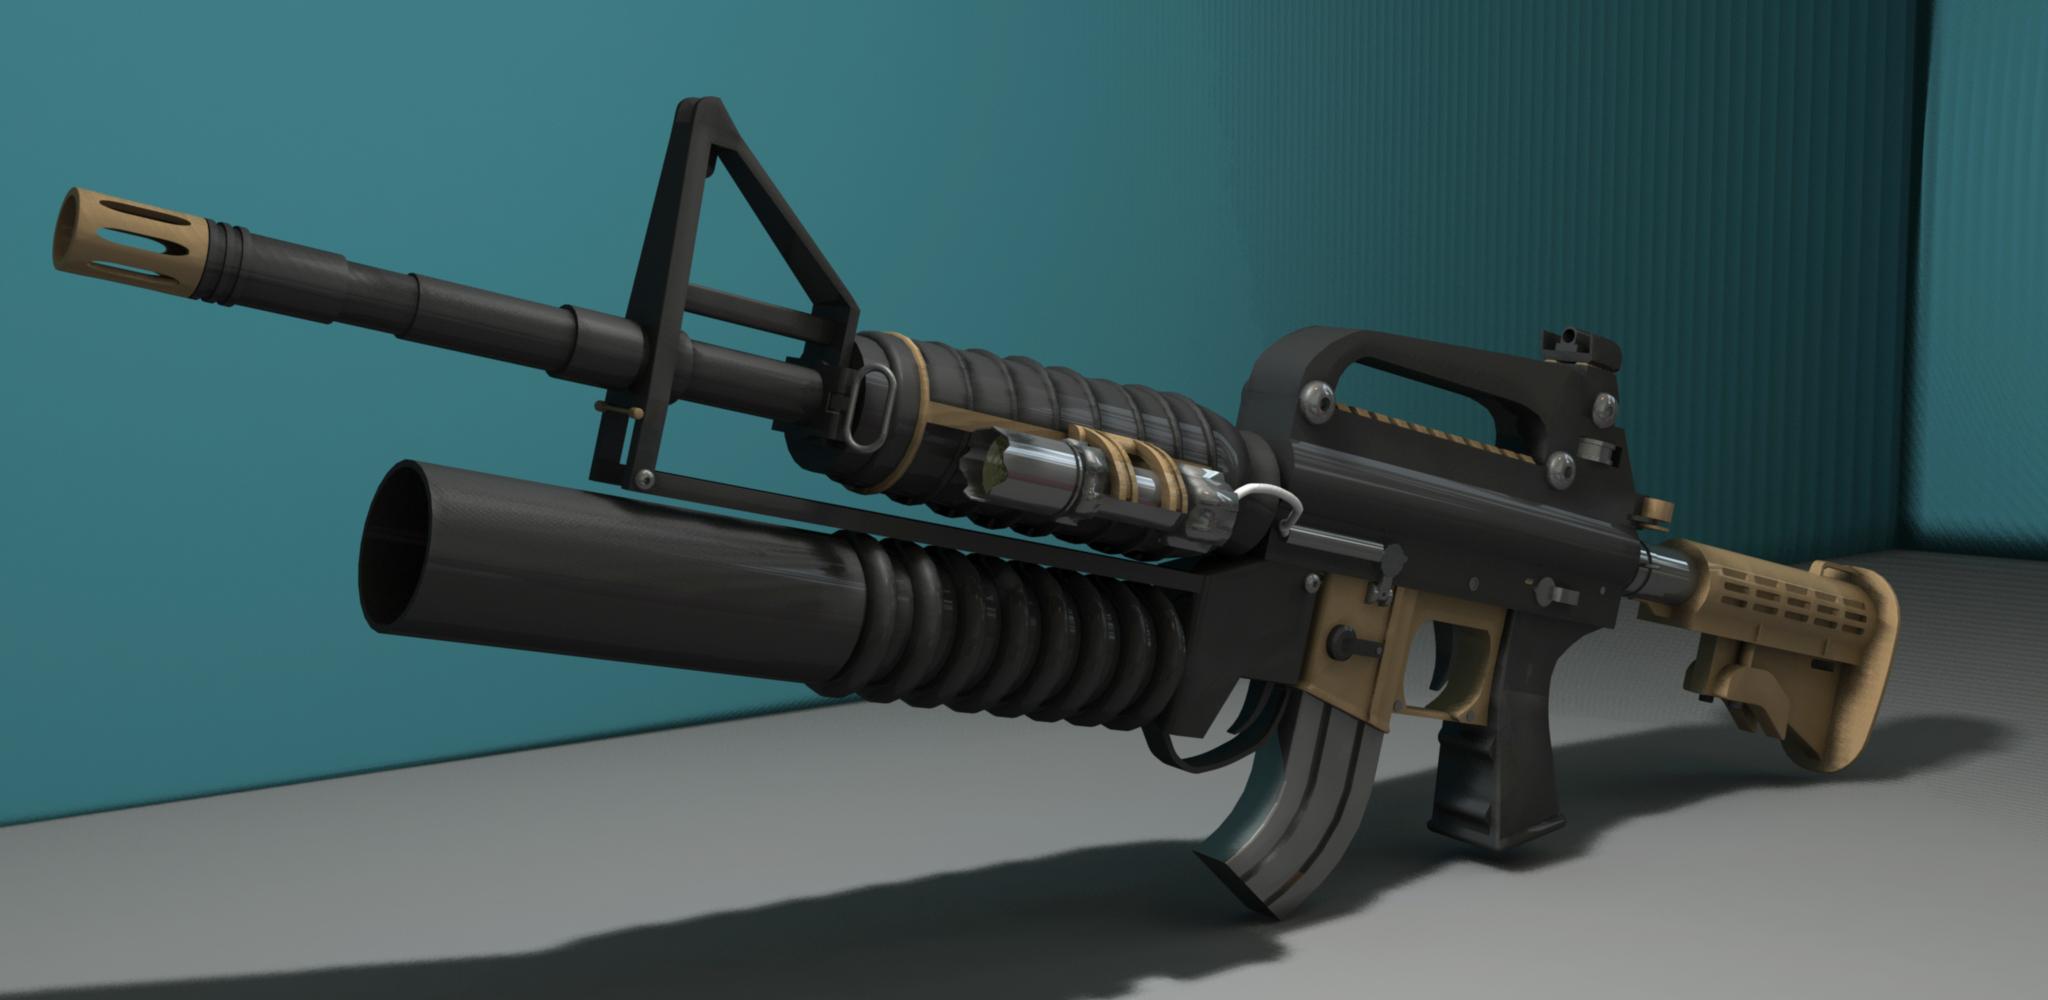 m4a1 carbine wallpaper pics download